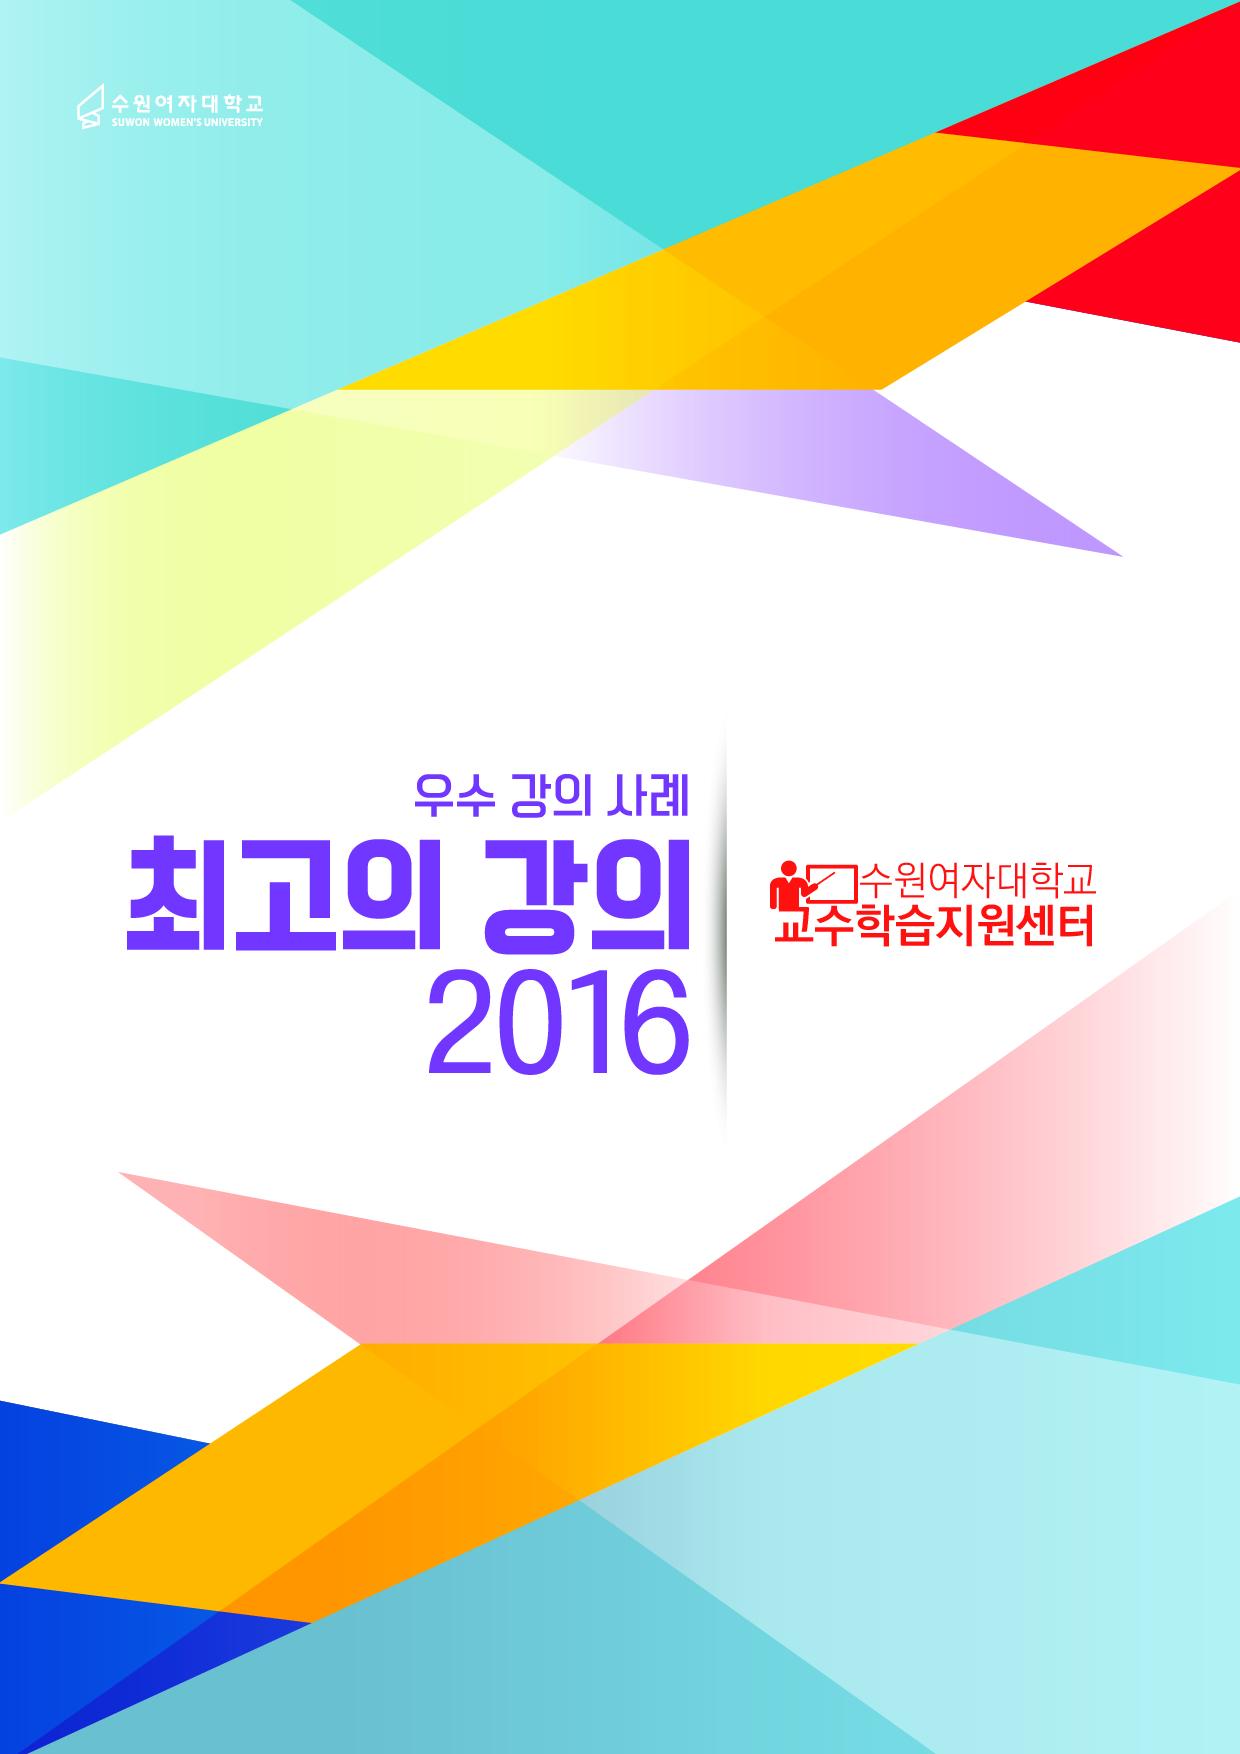 2016 최고의 강의 (우수 강의사례) : 2016 재학생 에세이 공모전 수상작